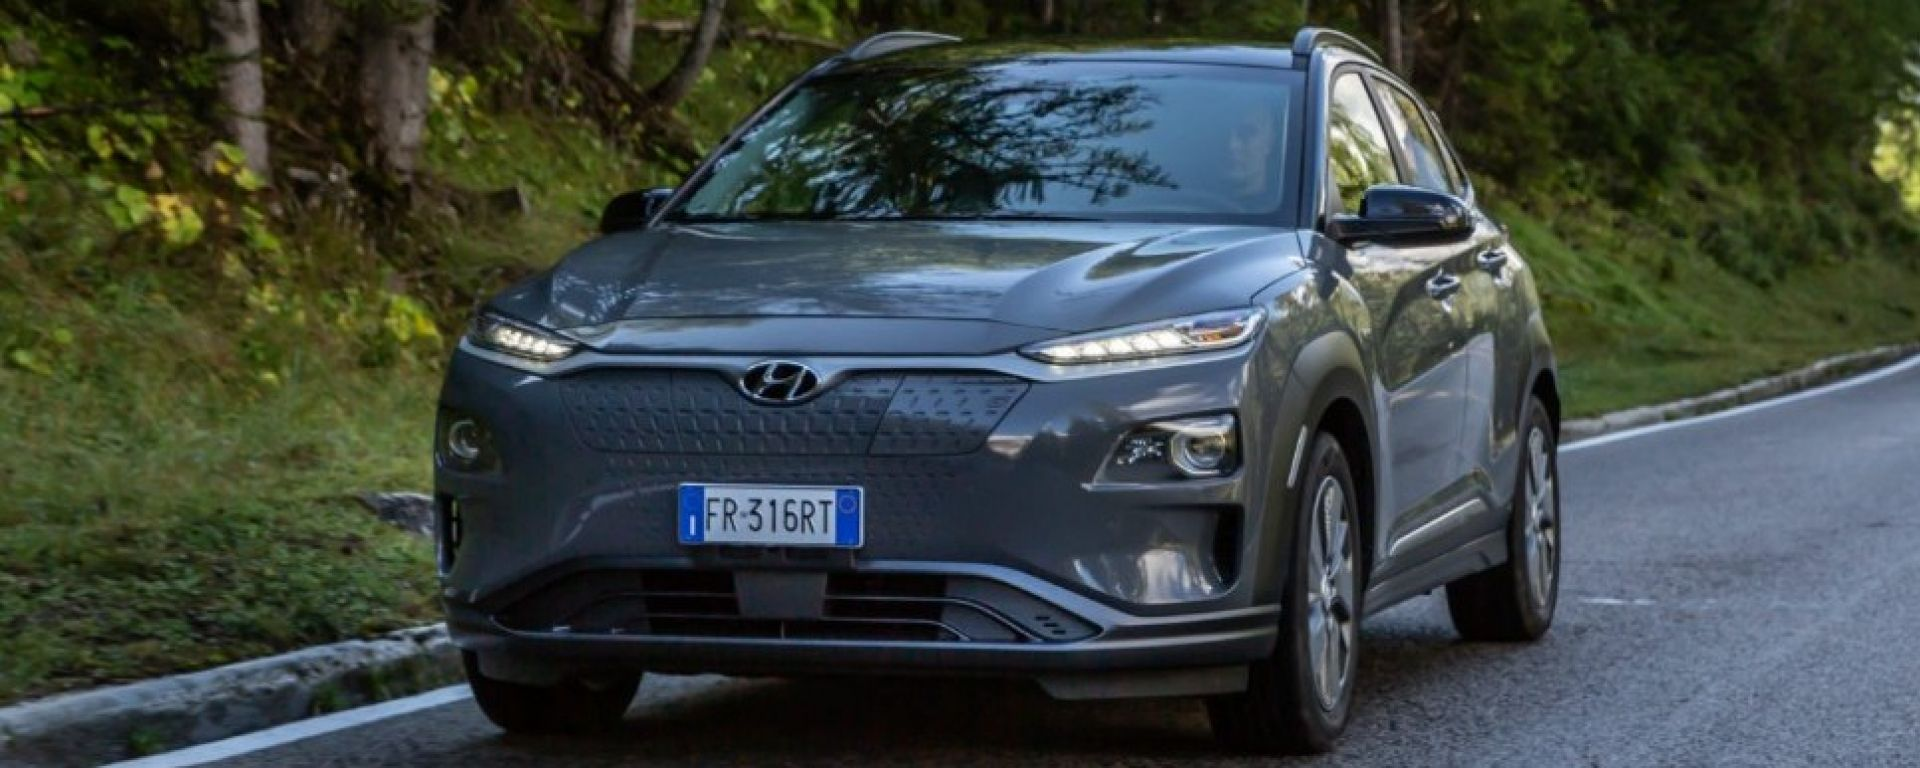 Hyundai Kona Electric: nuovi dati sull'autonomia secondo WLTP